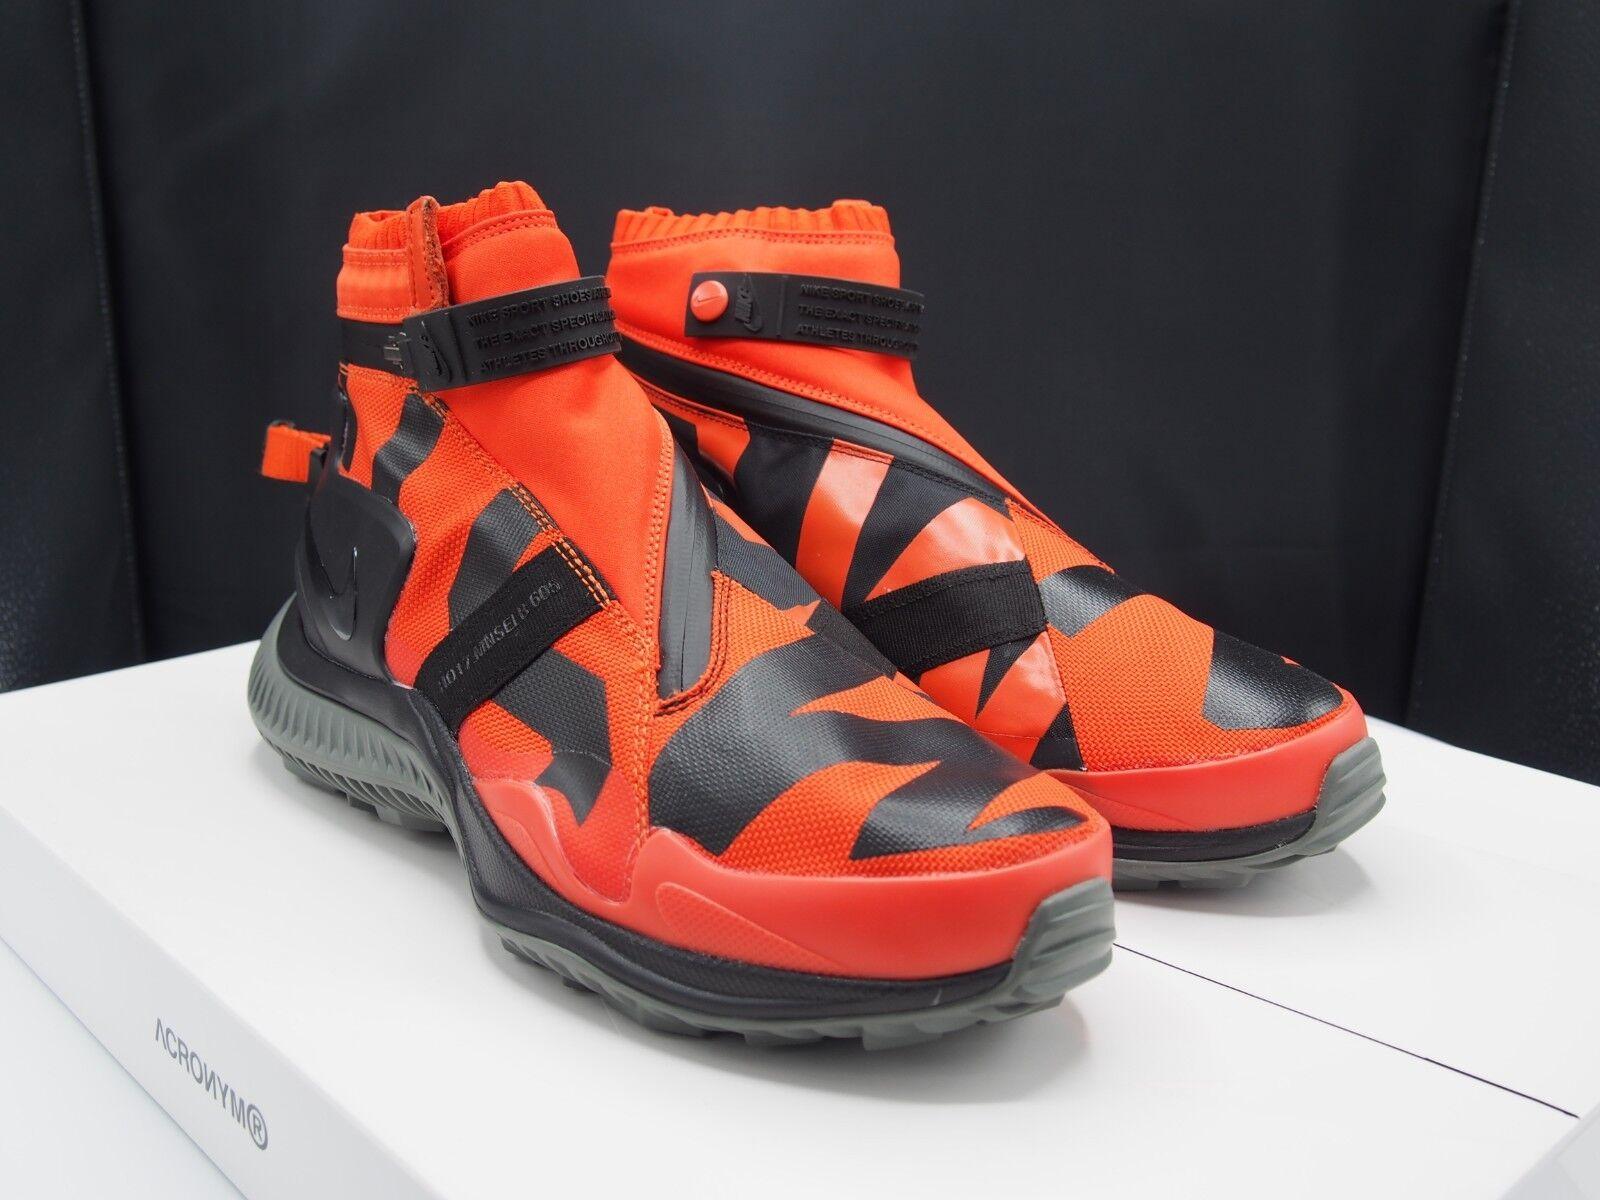 NikeLab NSW Gaiter Boot Team orange AA0530-800 Nike Men's size 9.5 US